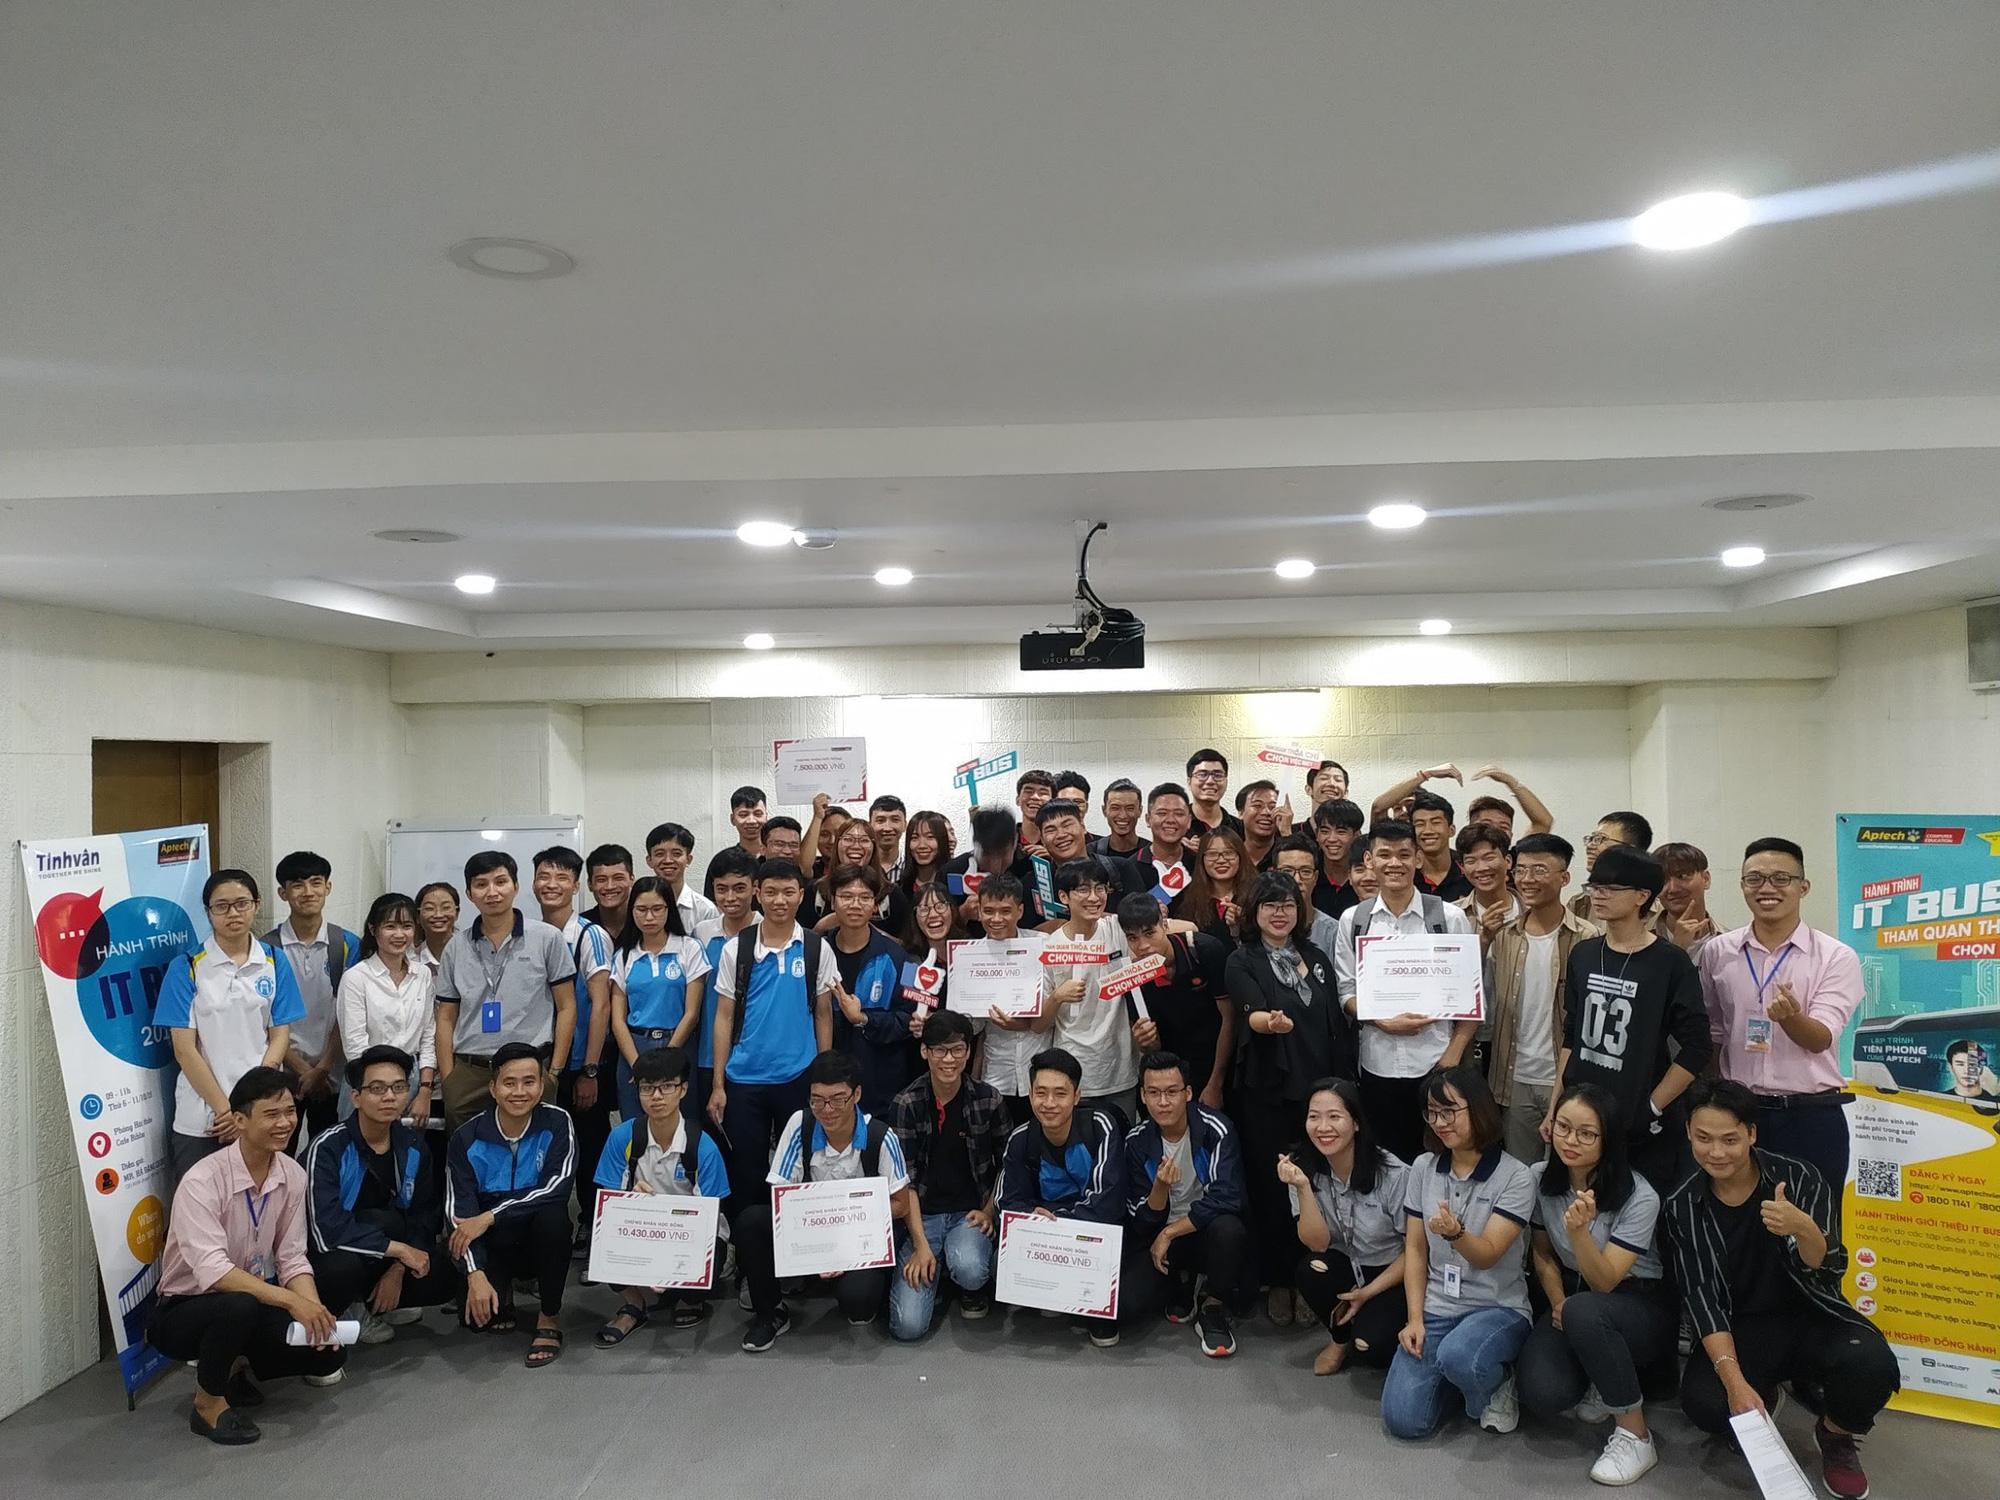 Đại học Khoa học Tự nhiên: Gần 1000 sinh viên hào hứng tham gia ngày hội hướng nghiệp 2019 - Ảnh 5.